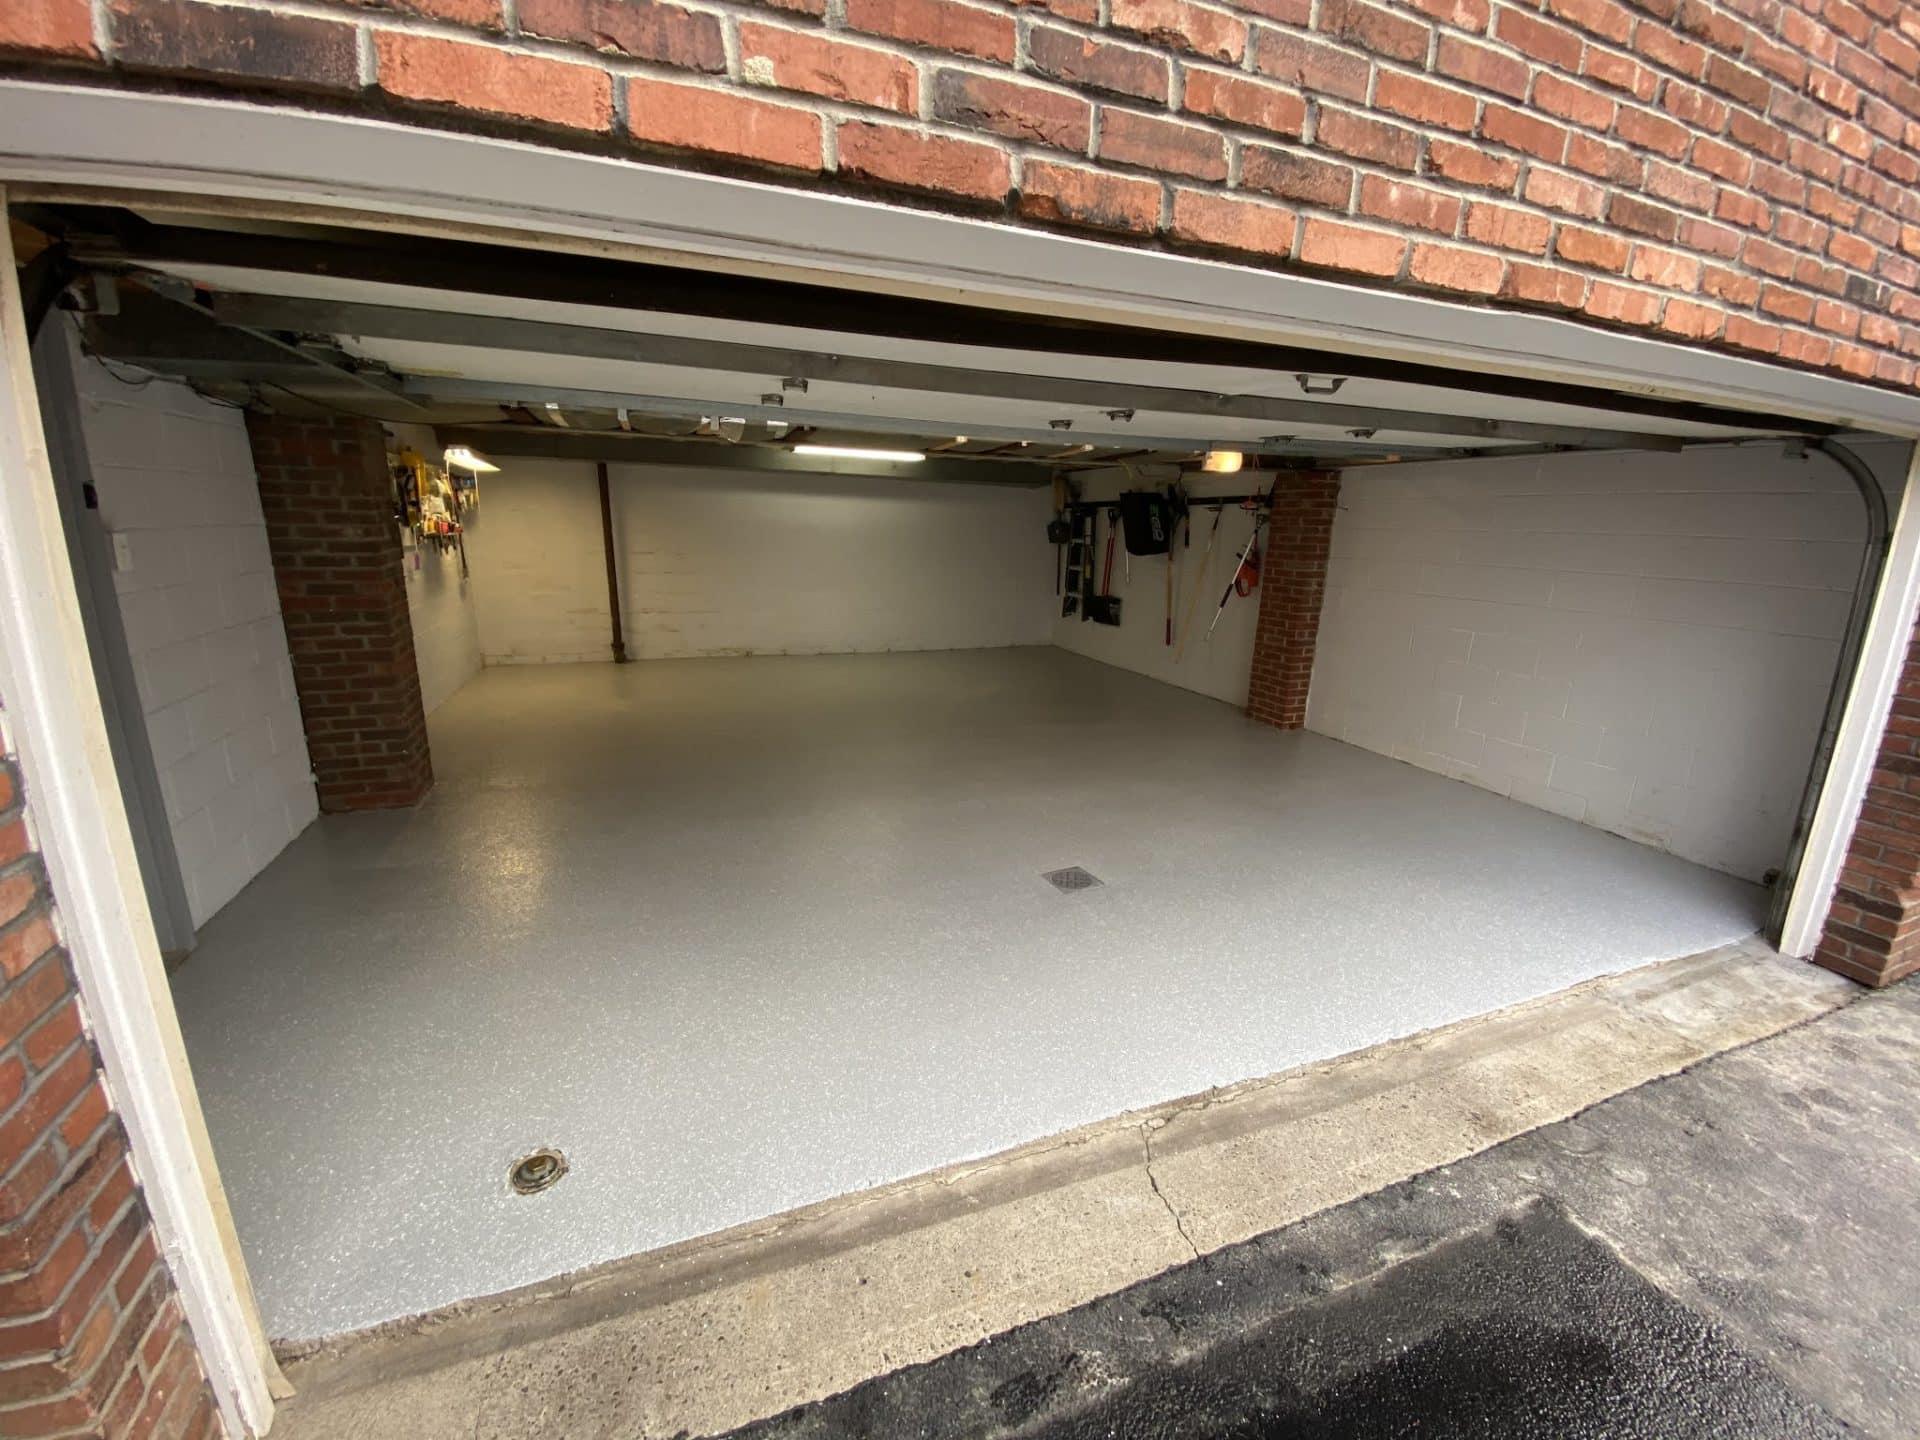 Titan garage floor after